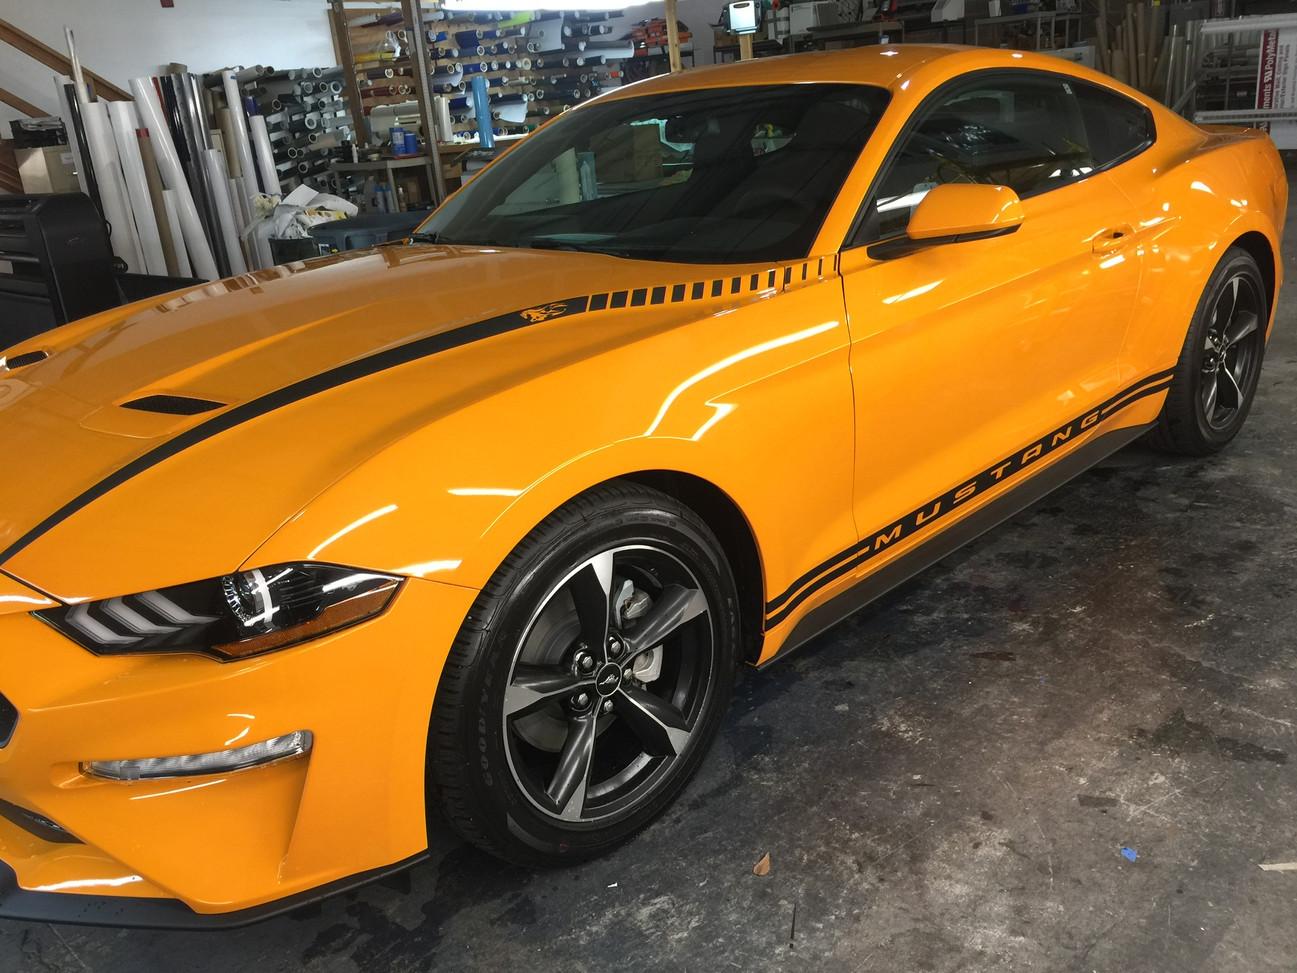 2018 Doernbecher Mustang.JPG